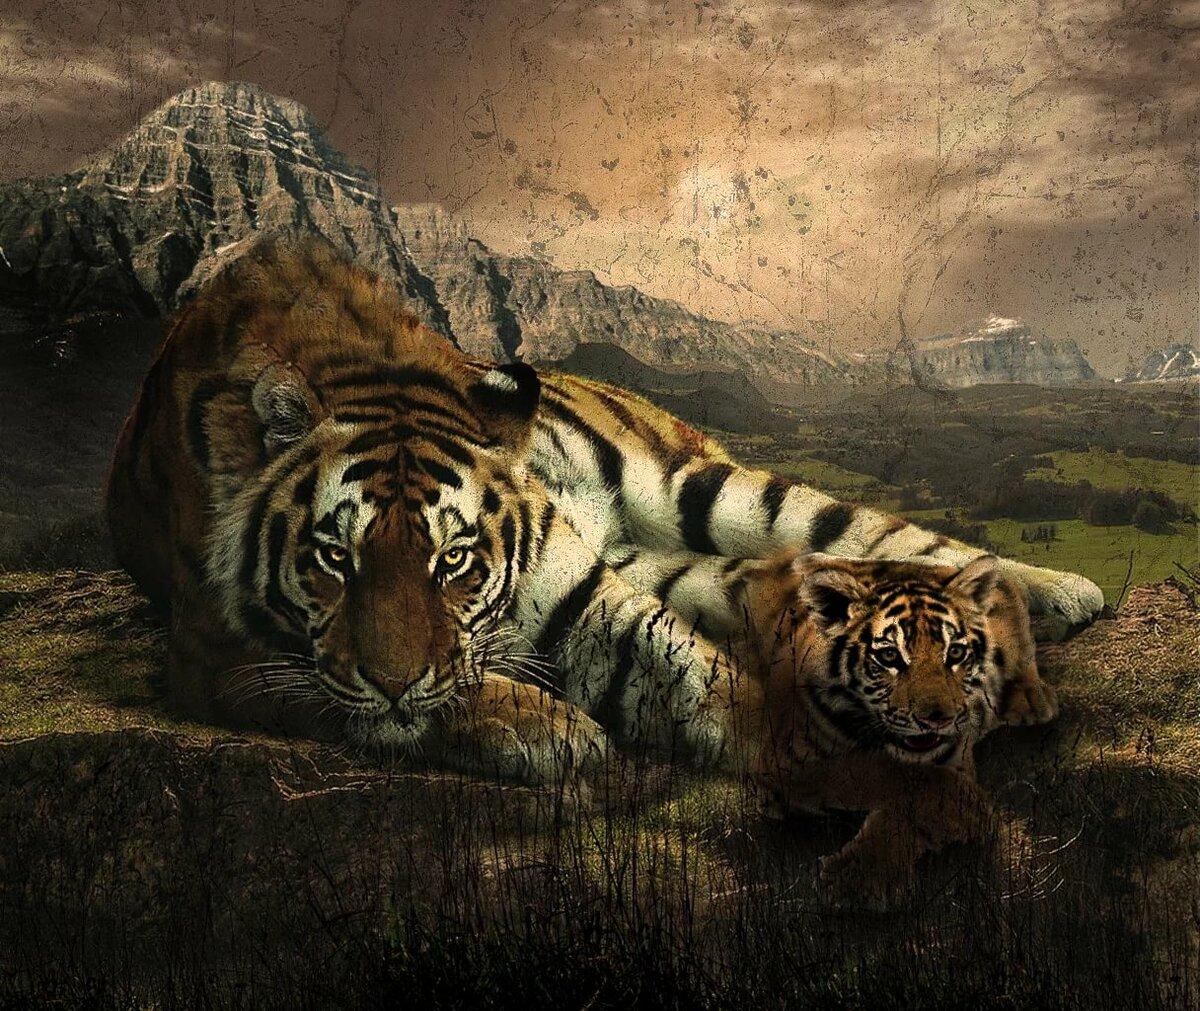 картинки тигров из игр ставим сотейник огонь